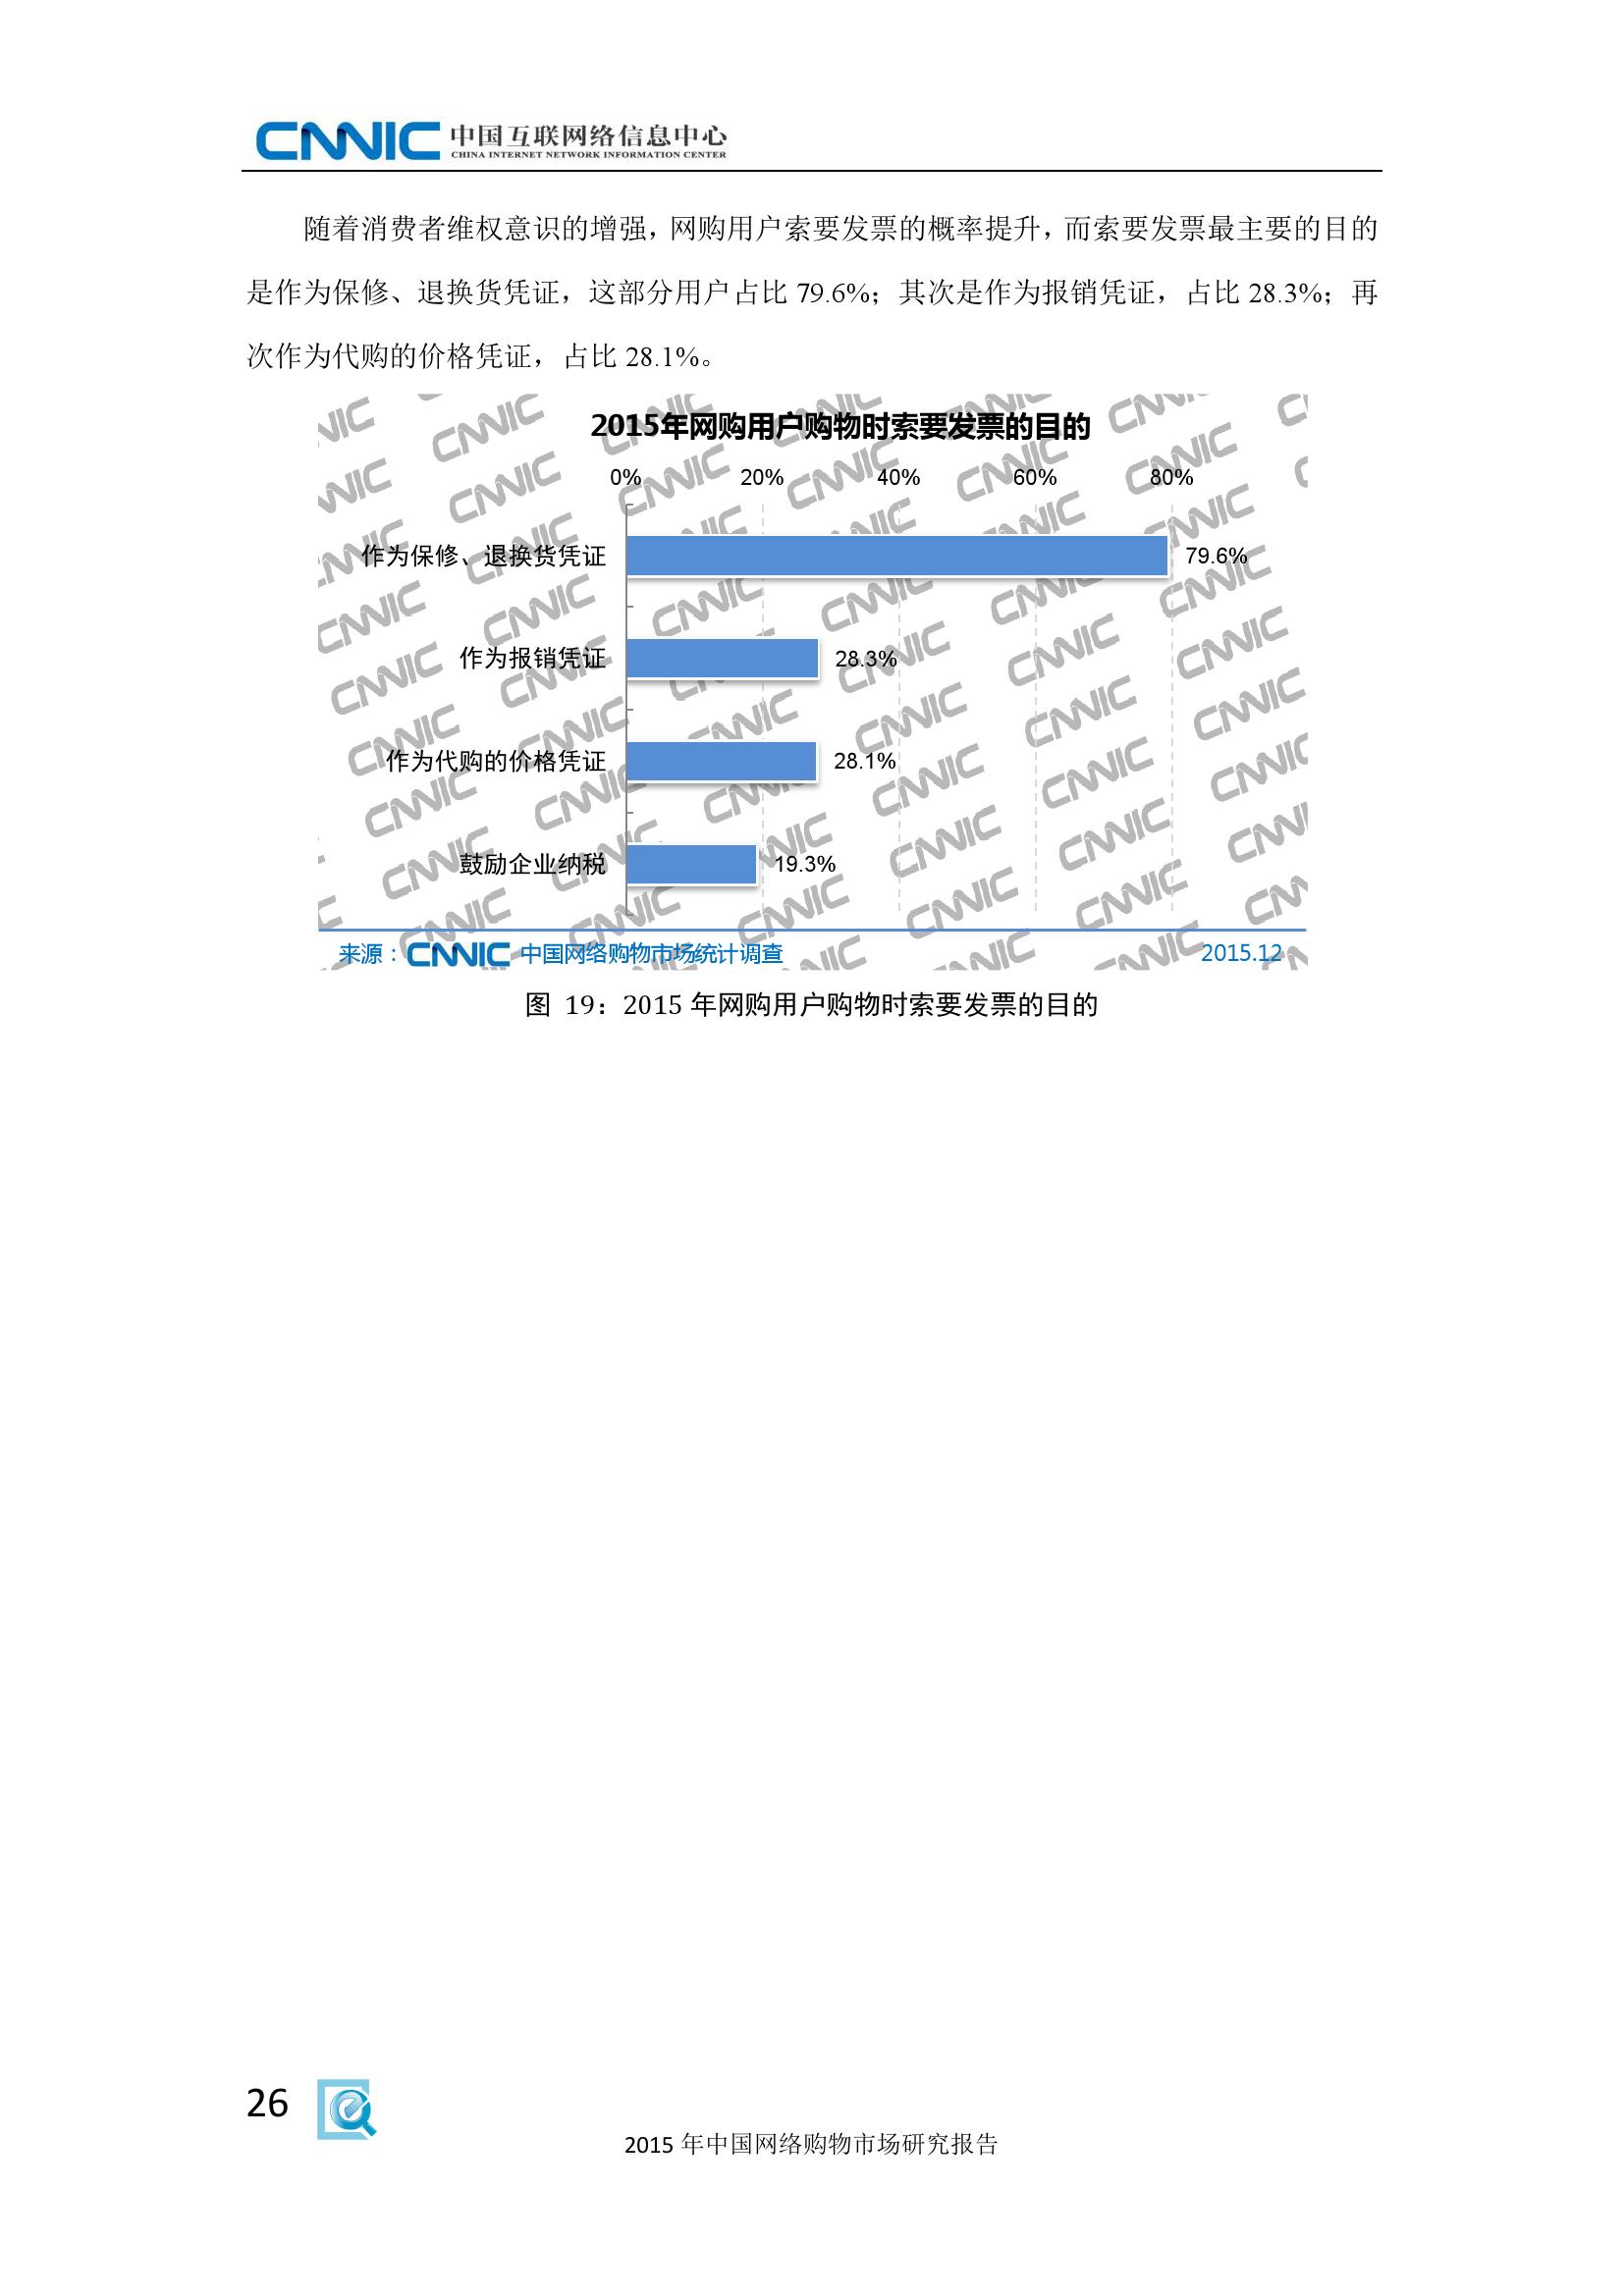 2015年中国网络购物市场研究报告_000034